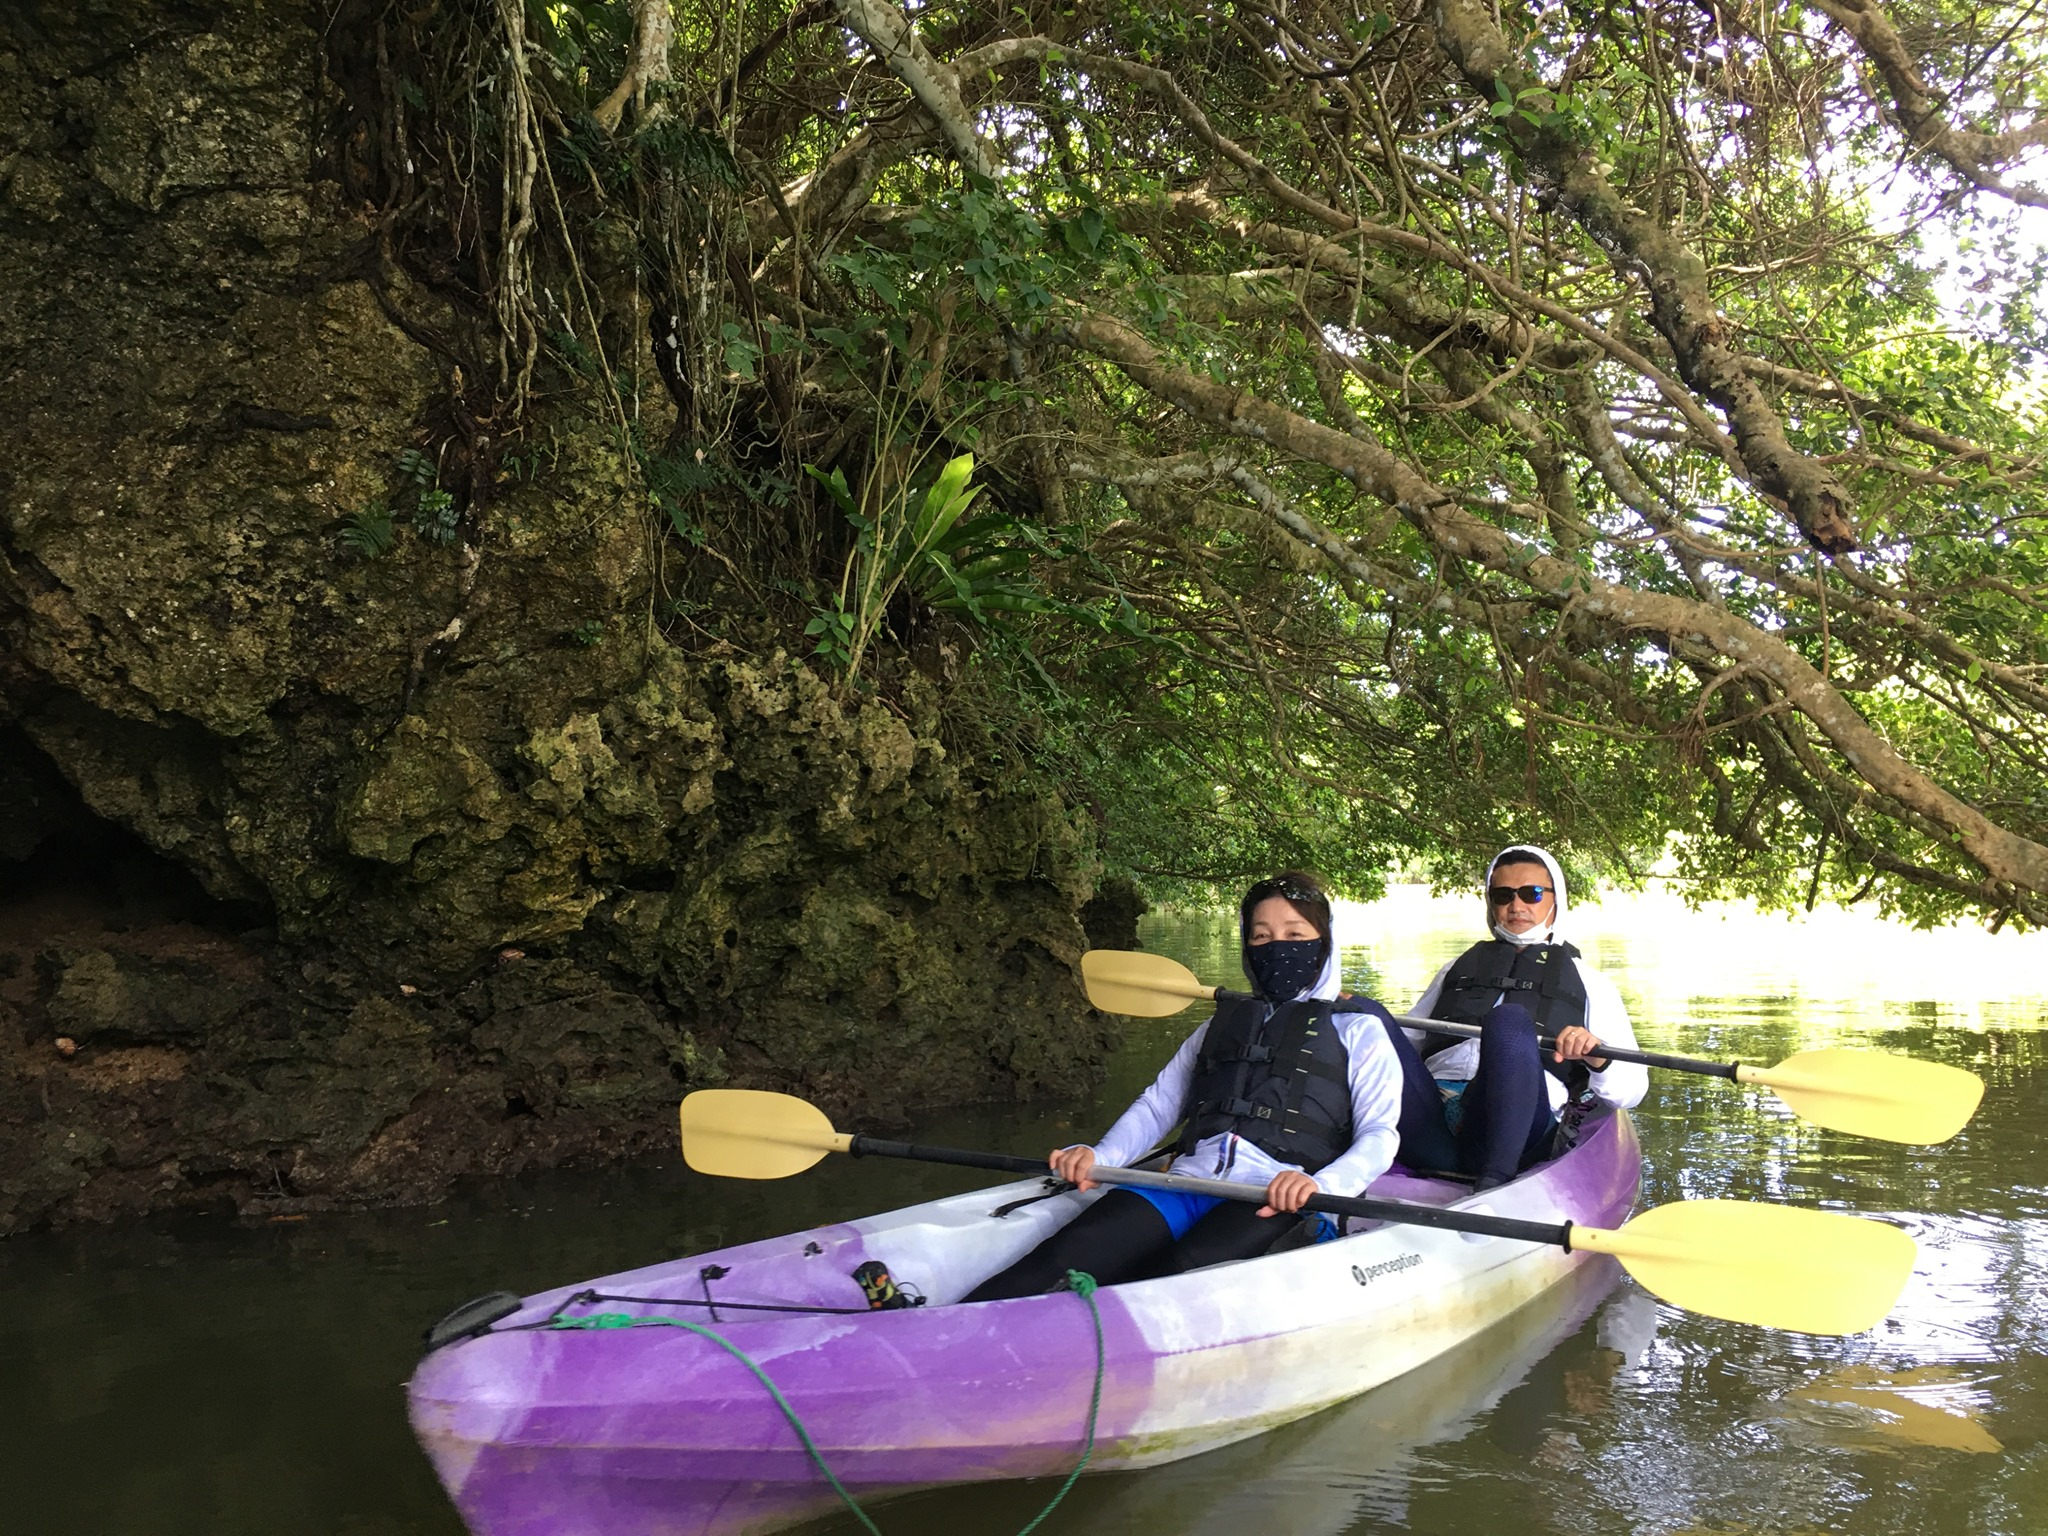 ガジュマルとカヌー 石垣島で旅行